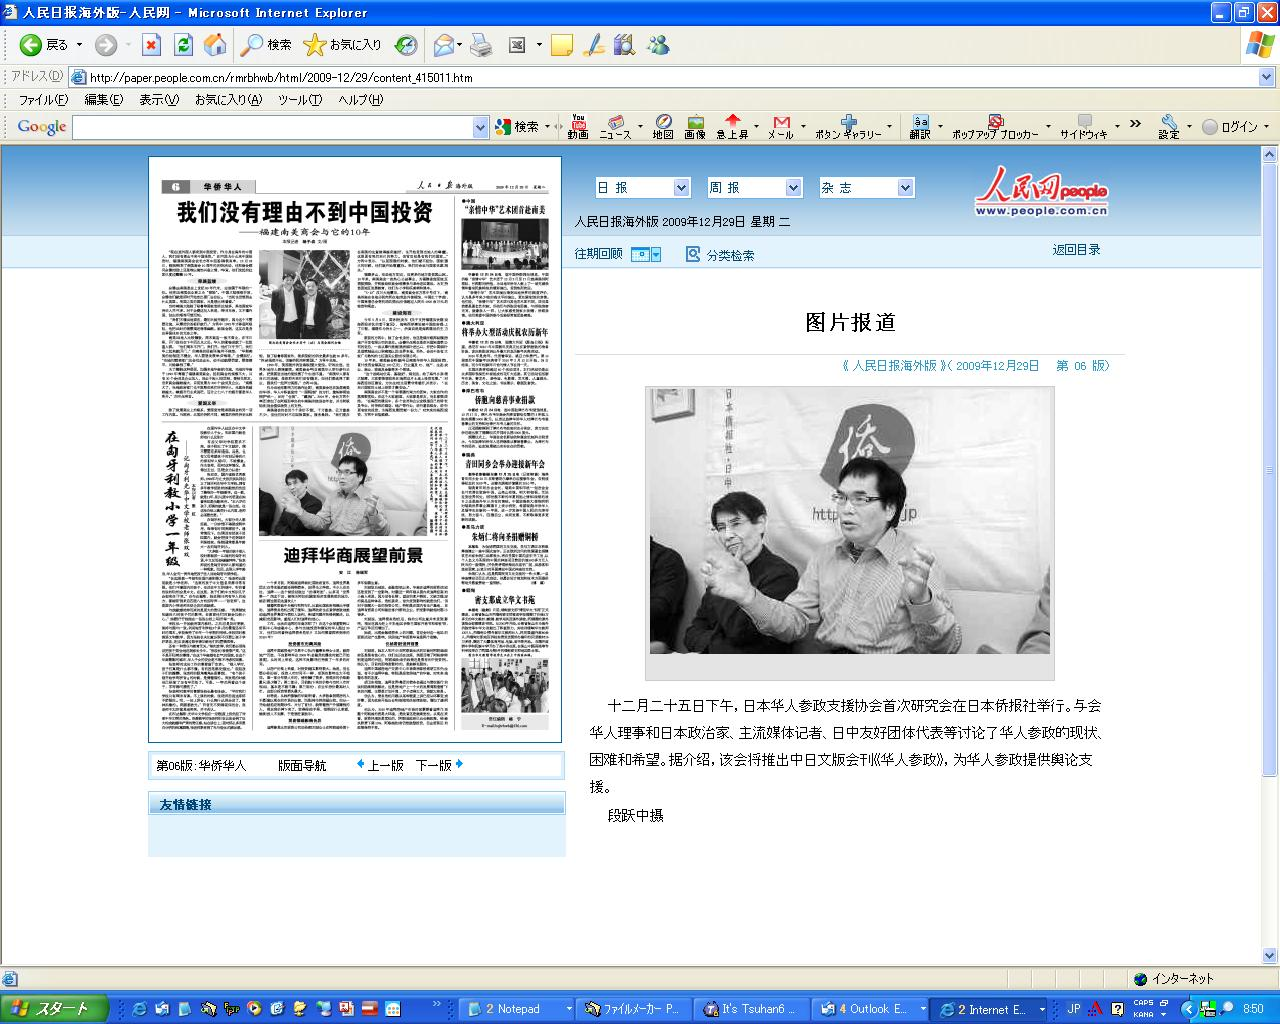 華人参政支援協会第一回研究会開催写真 人民日報(海外版)に掲載_d0027795_8531686.jpg